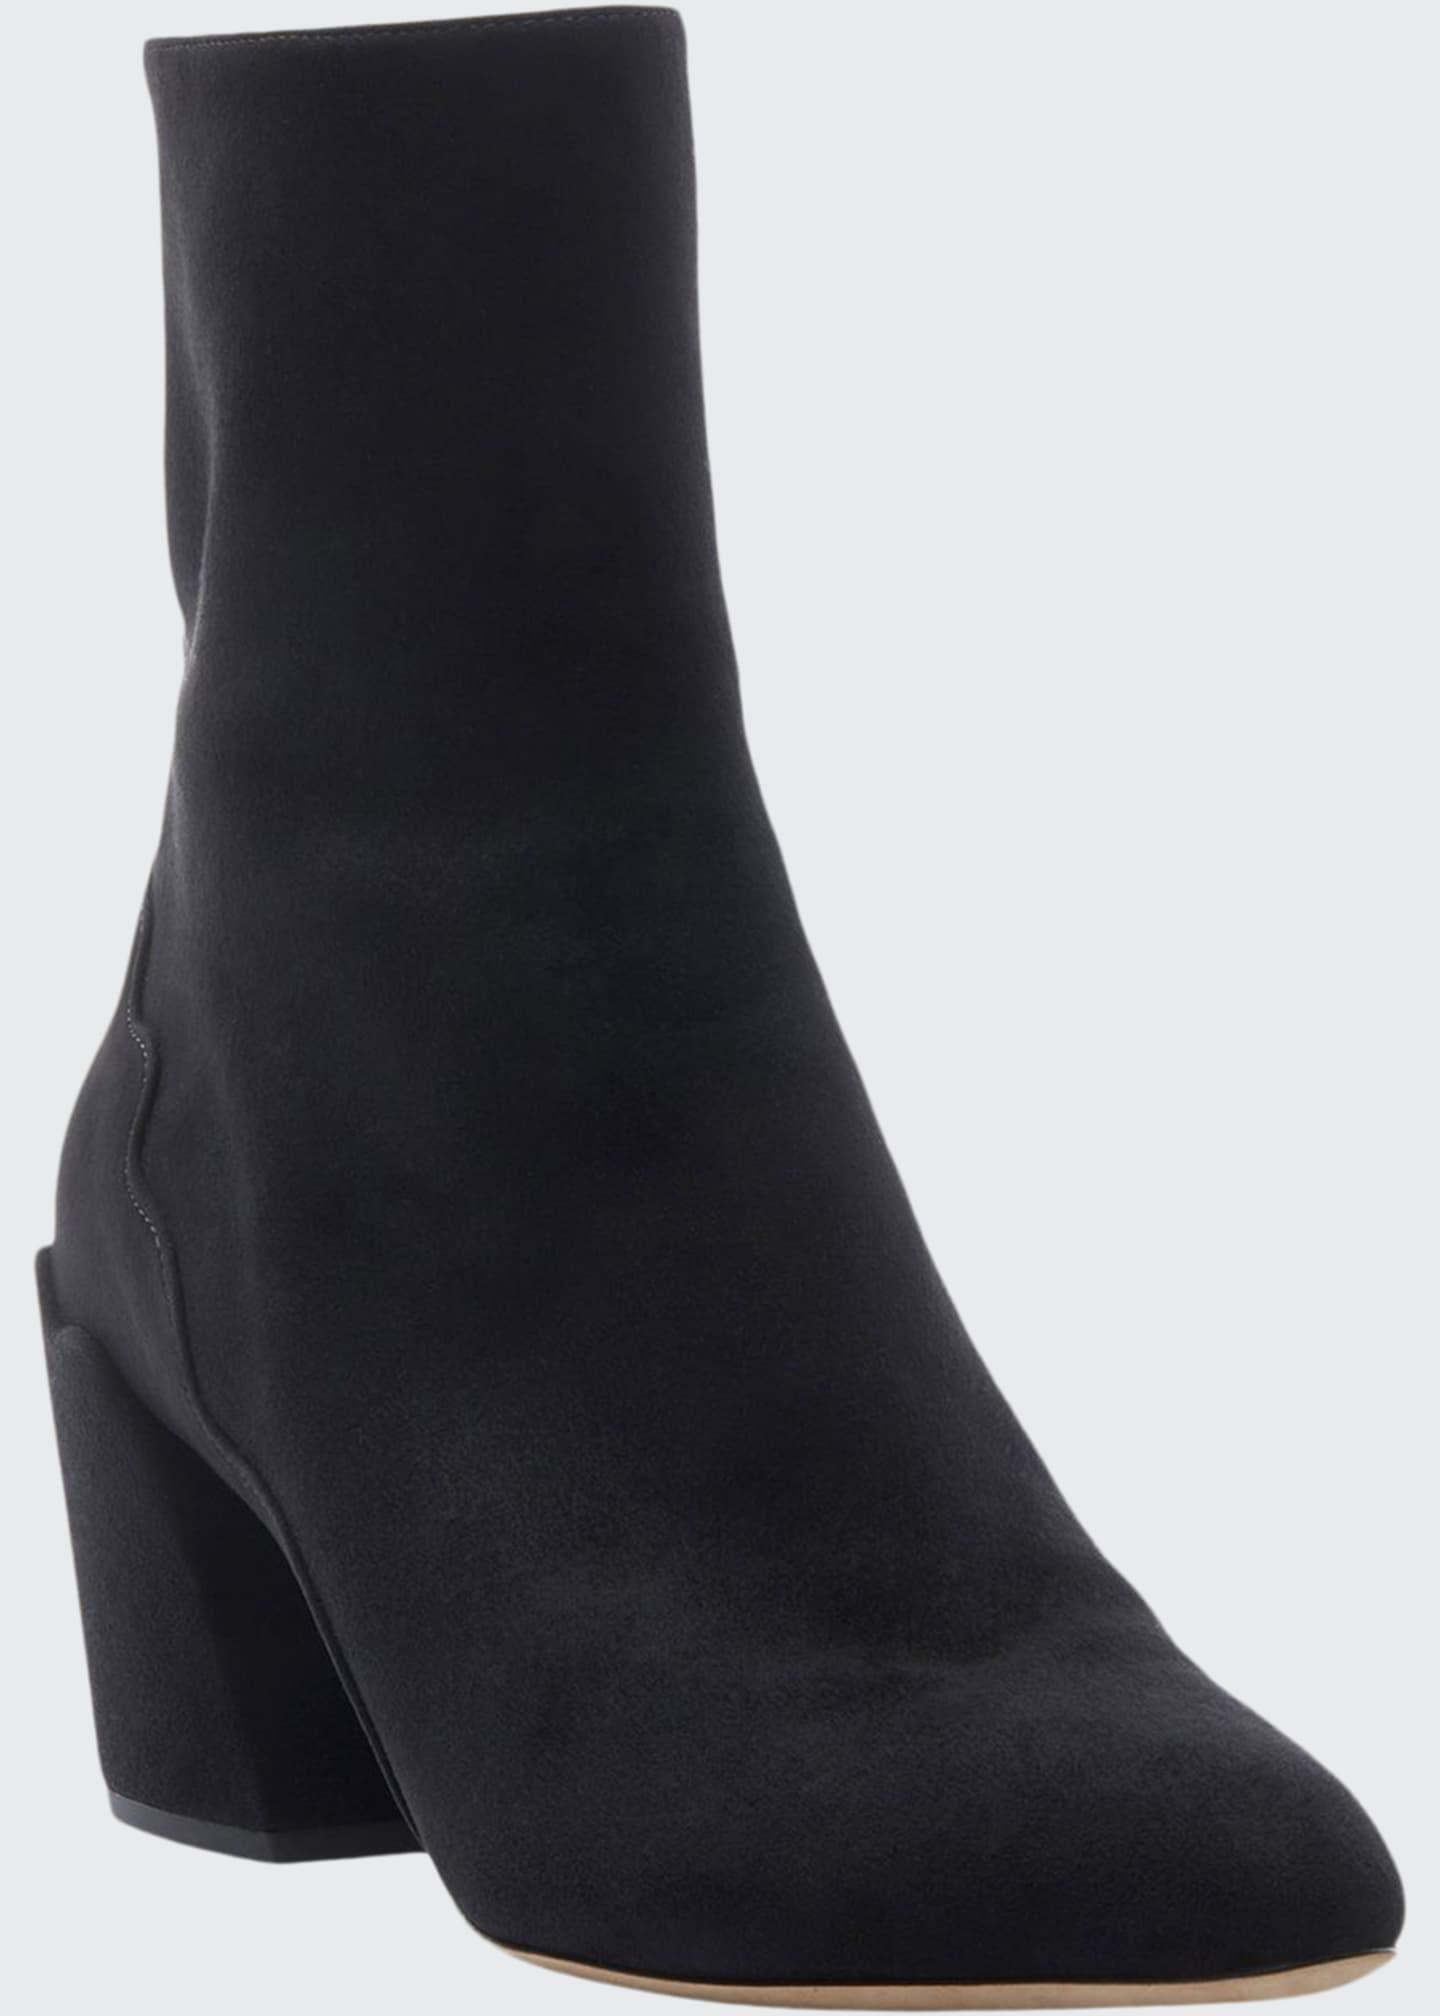 Chloe Laurena Ankle Suede Booties